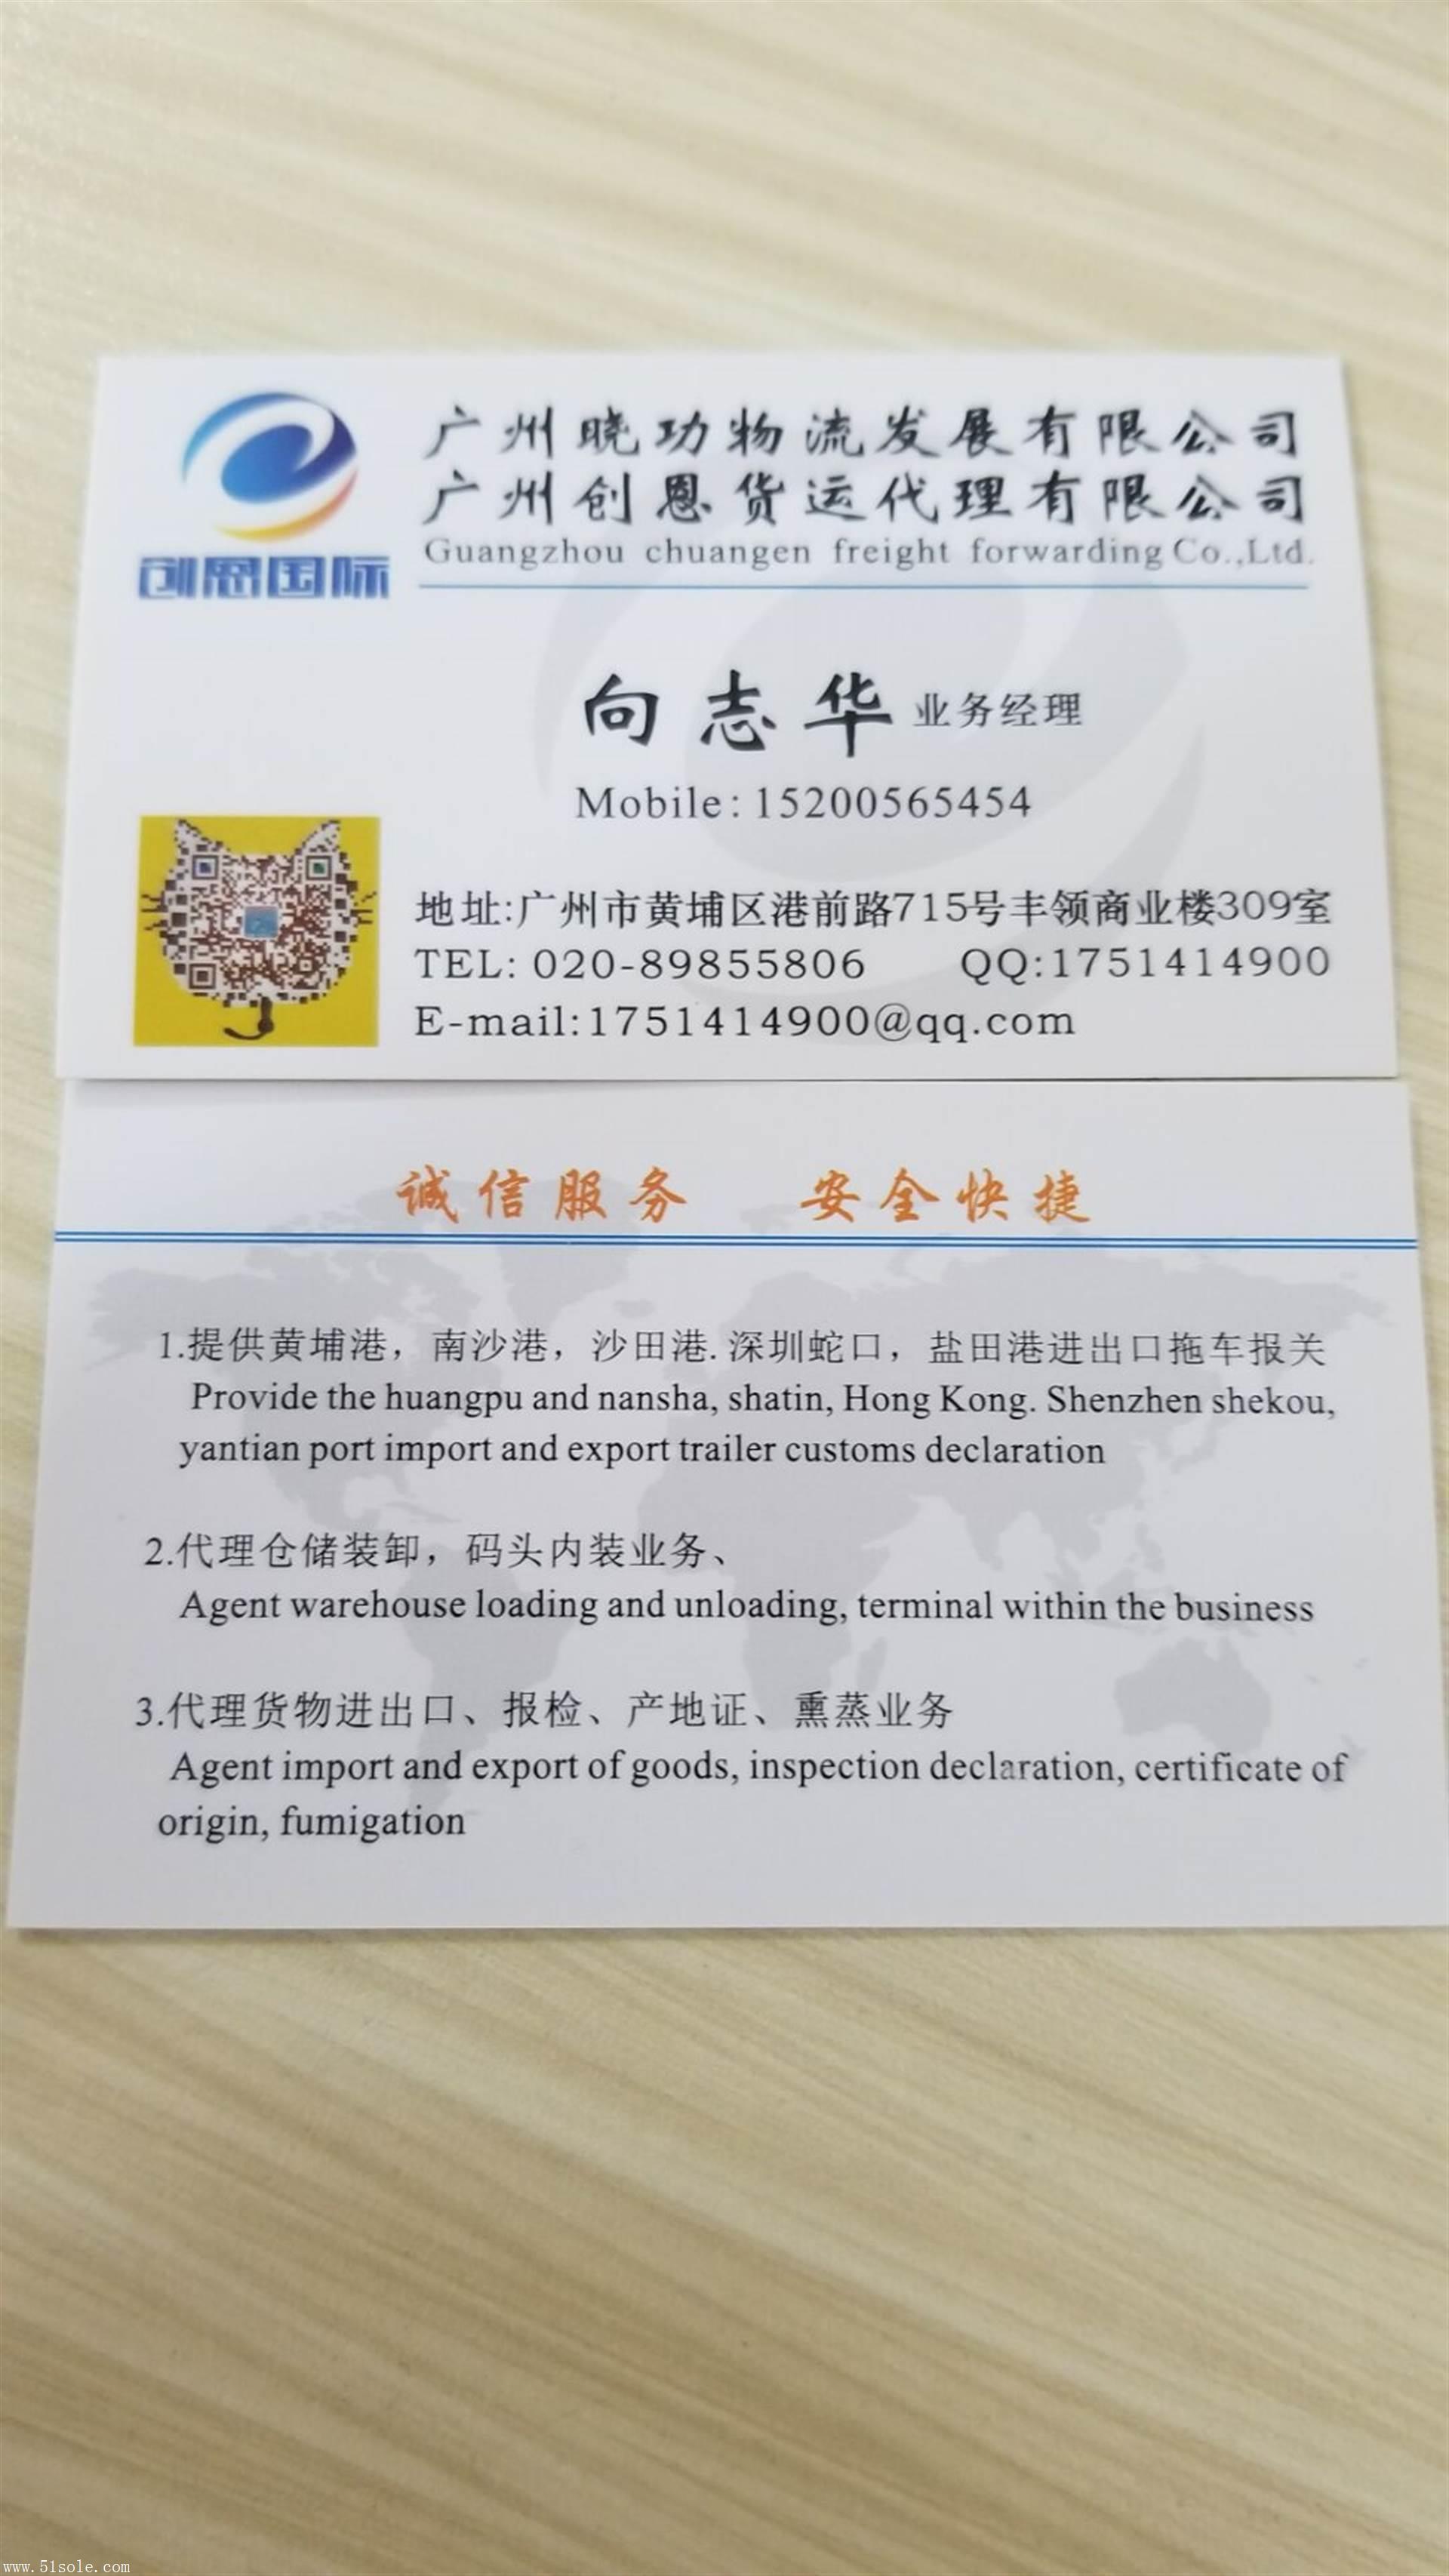 黄埔食品牌子货优势接单